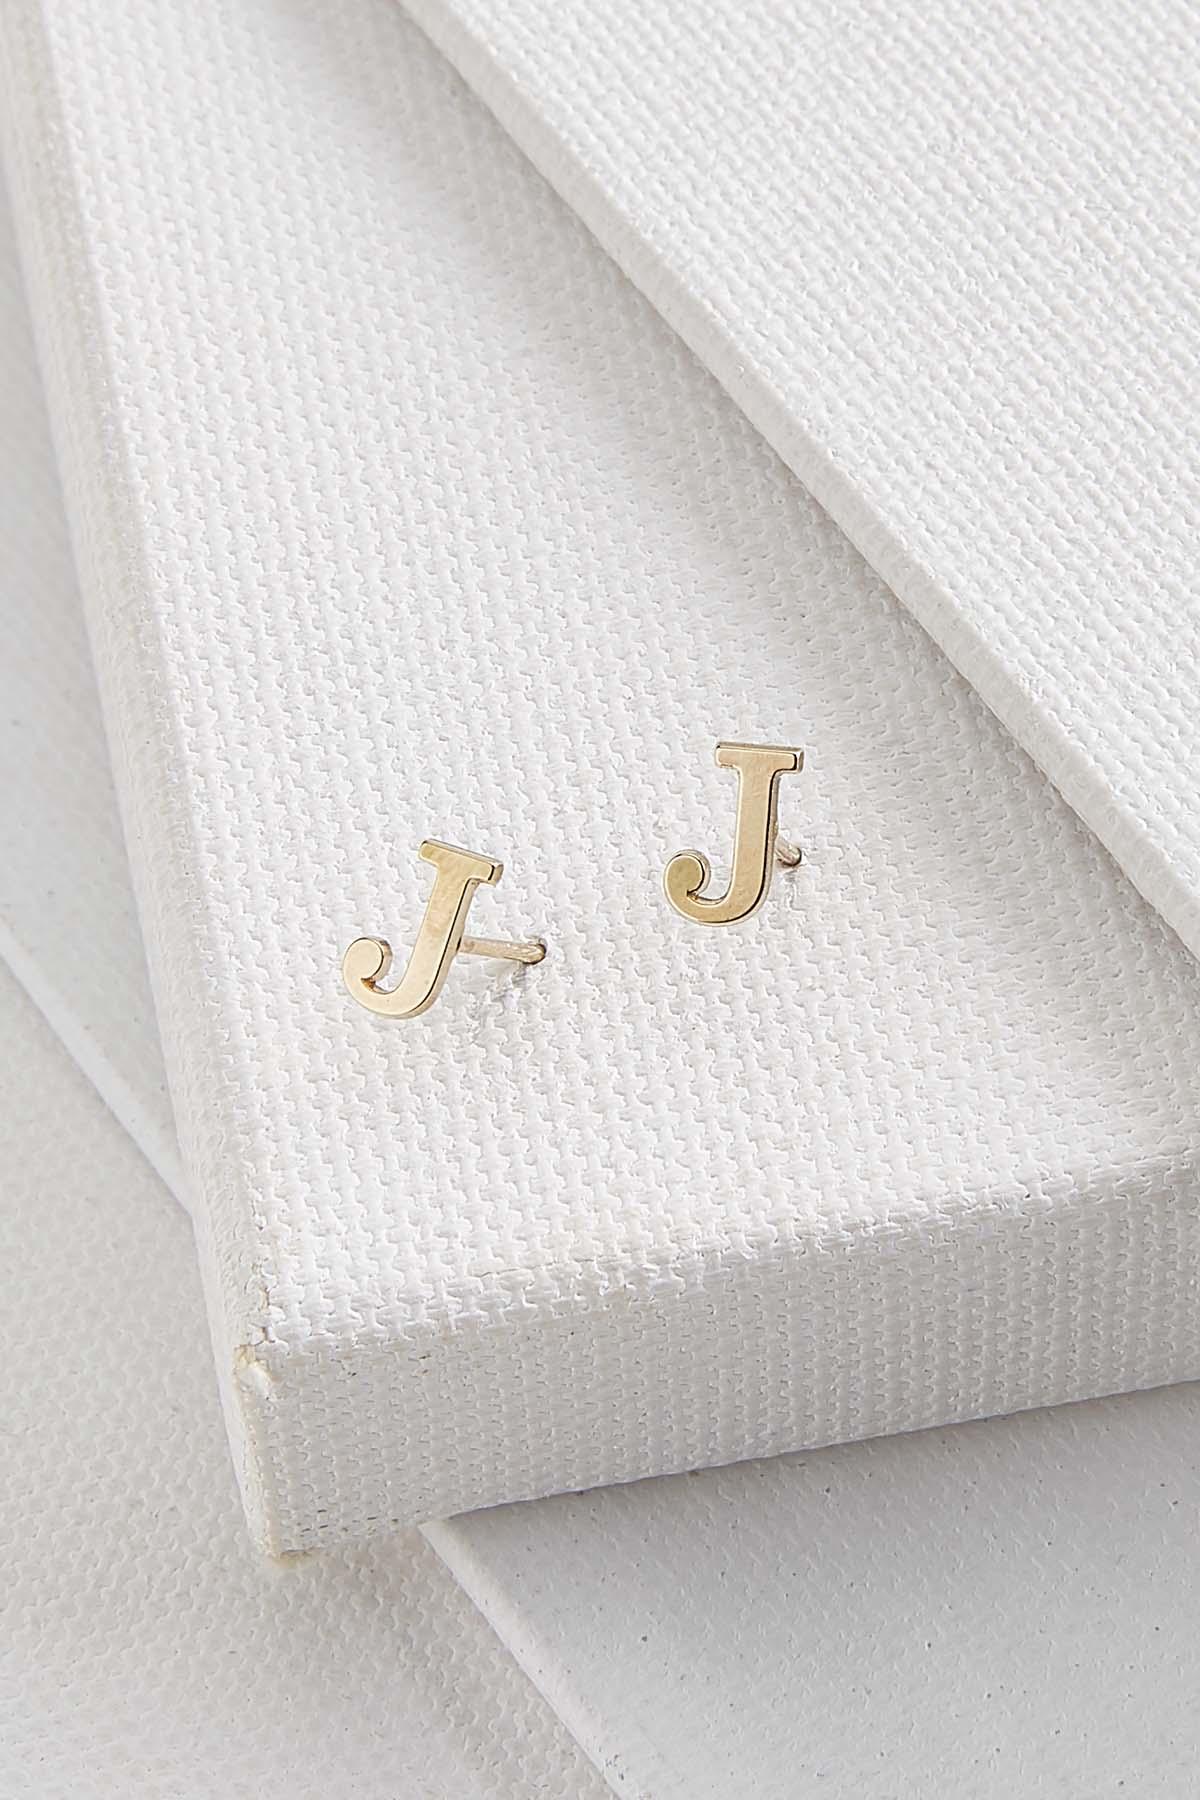 Dainty Initial J Earrings